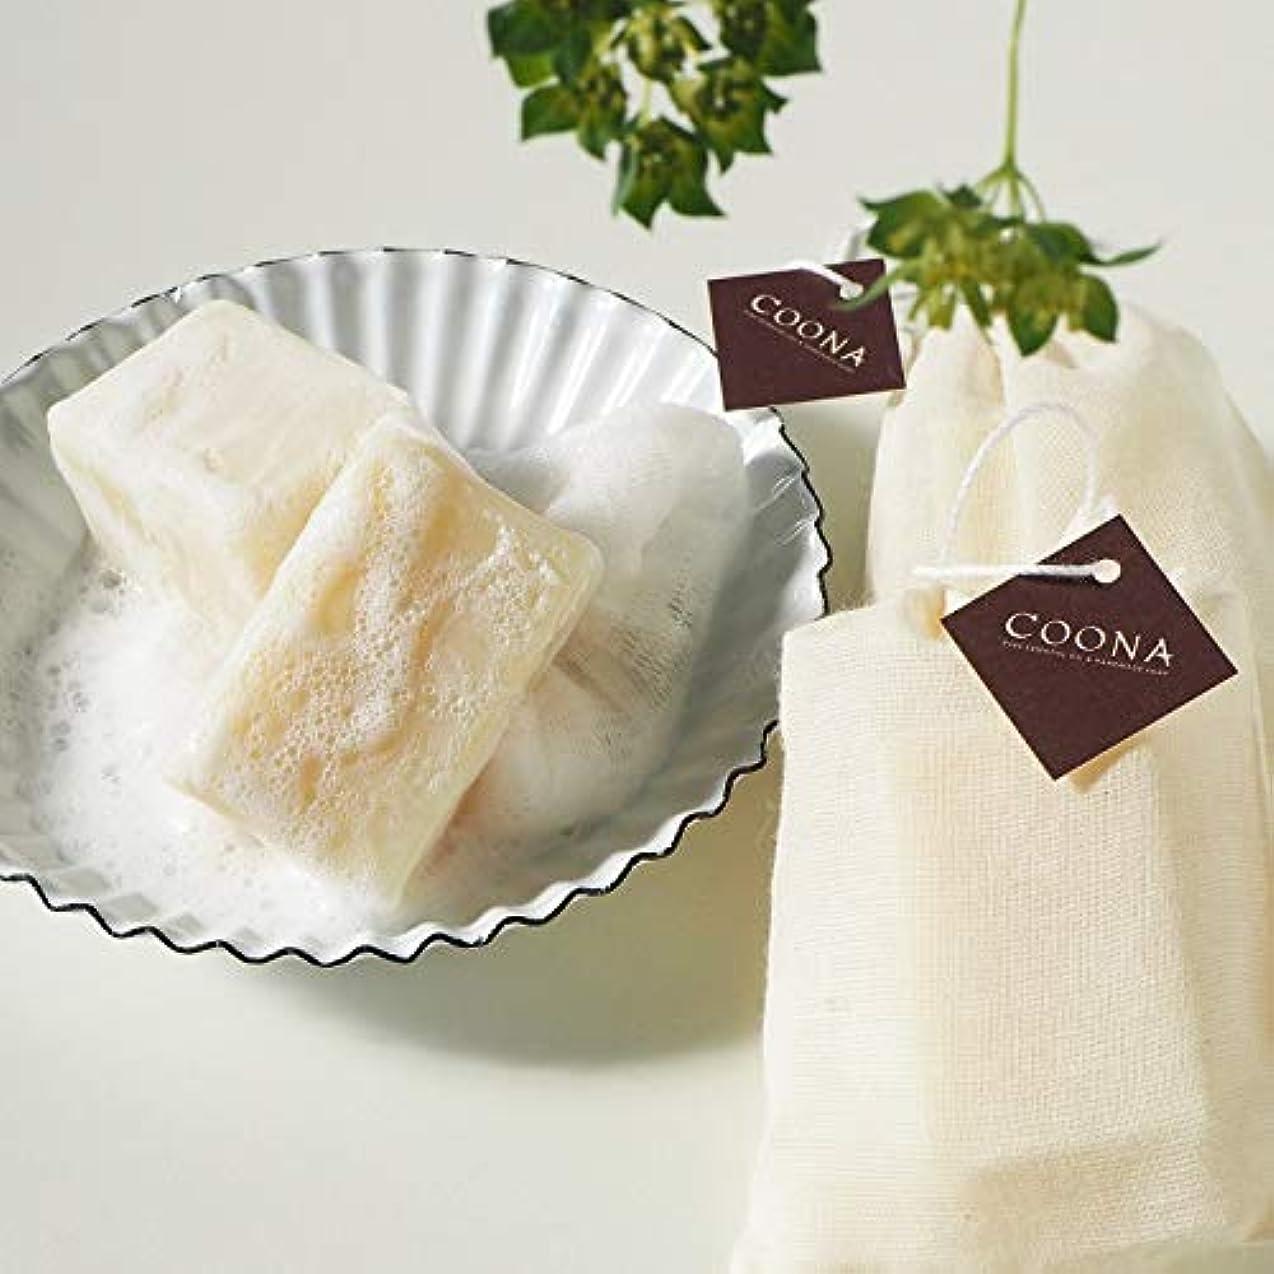 実り多いプリーツにおいCOONA ハーフ 石鹸 40g (天然素材の自然派コールドプロセス手作りせっけん) (アボカド石けん ゼラニウム&ラベンダー)